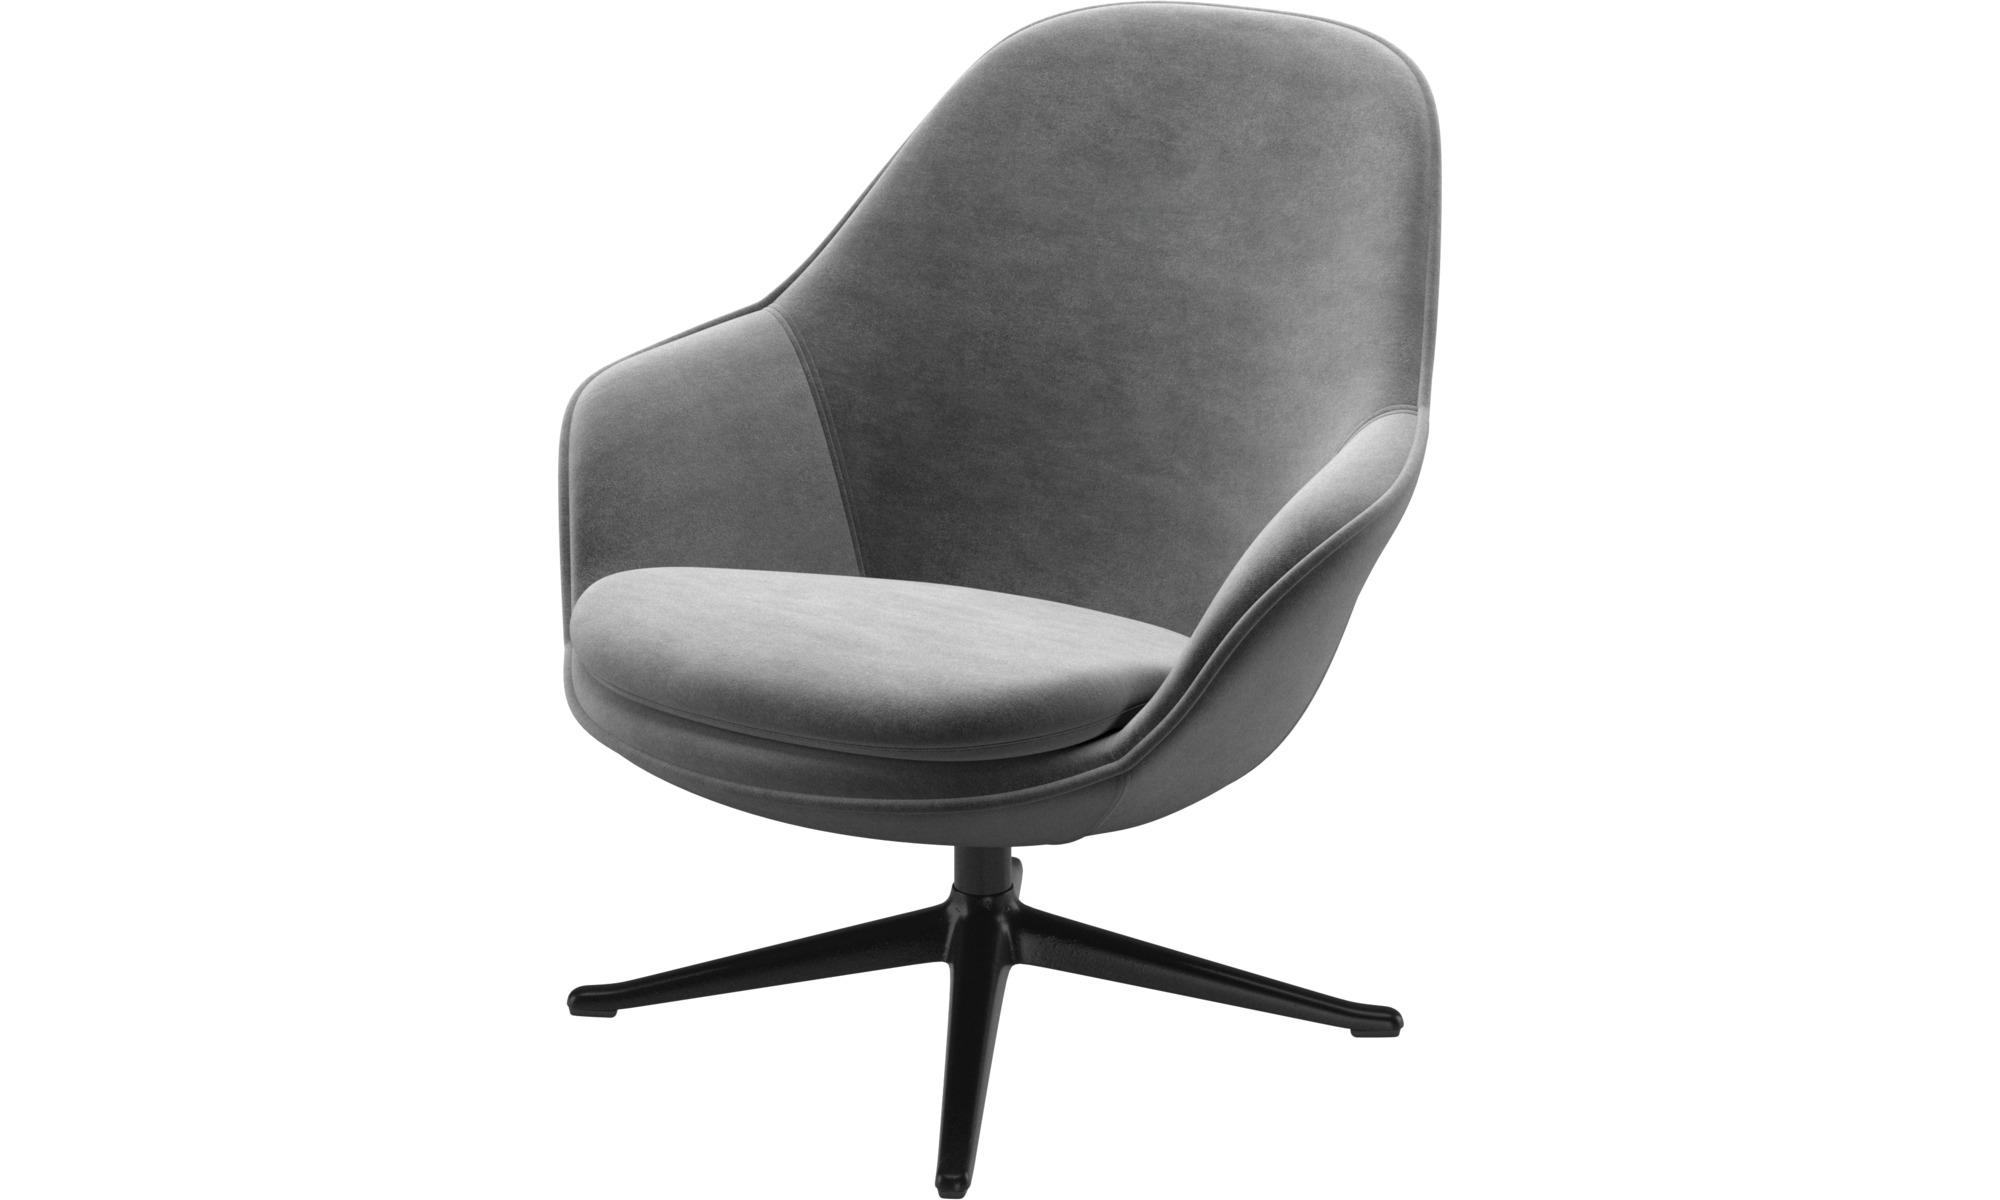 Fauteuils Adelaide fauteuil BoConcept